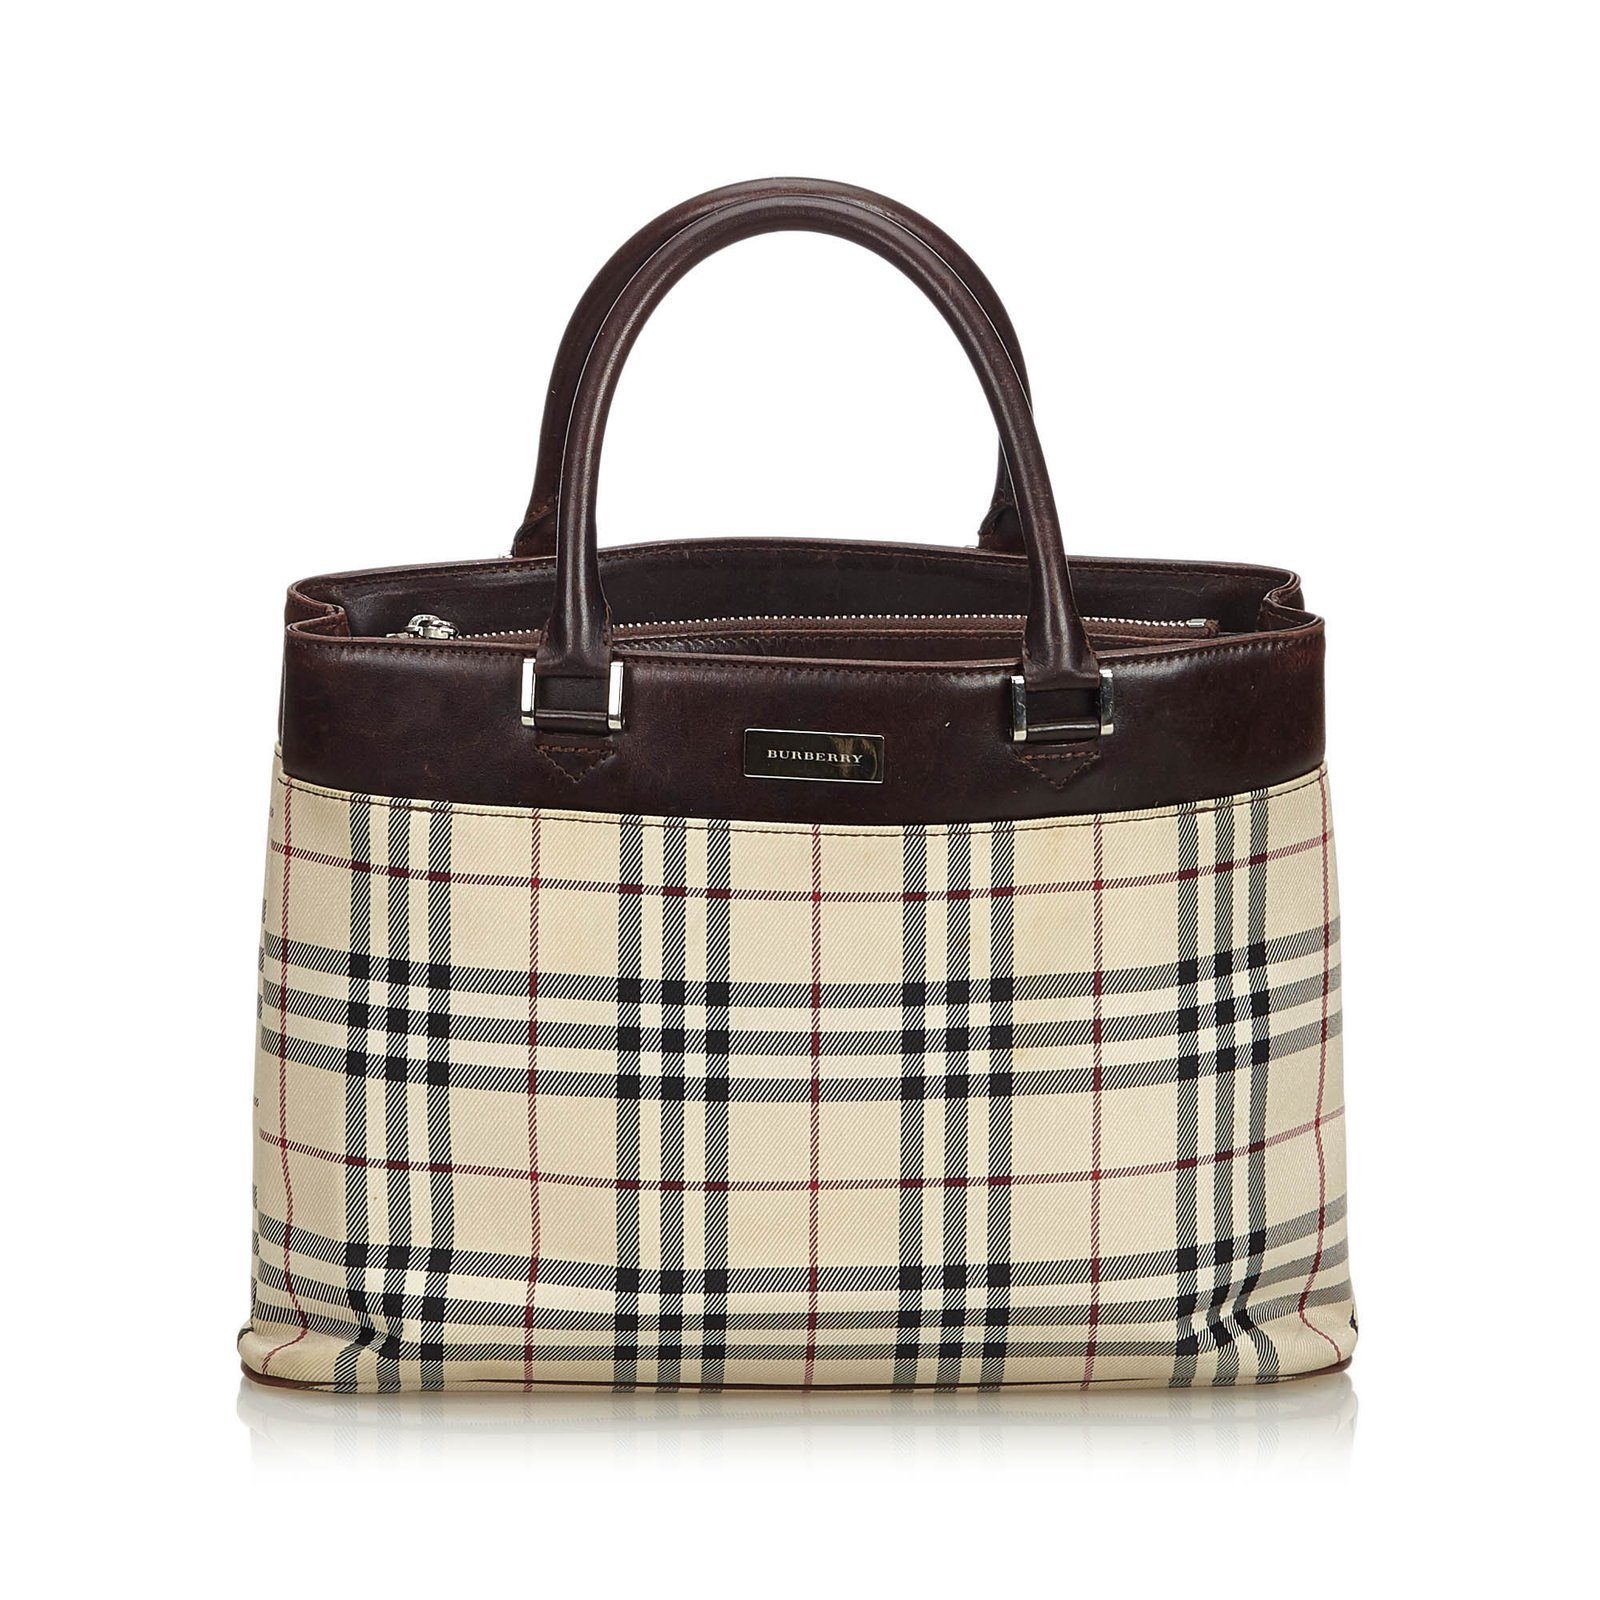 Burberry Plaid Canvas Handbag Handbags Leather 0e2e22e6f3d45